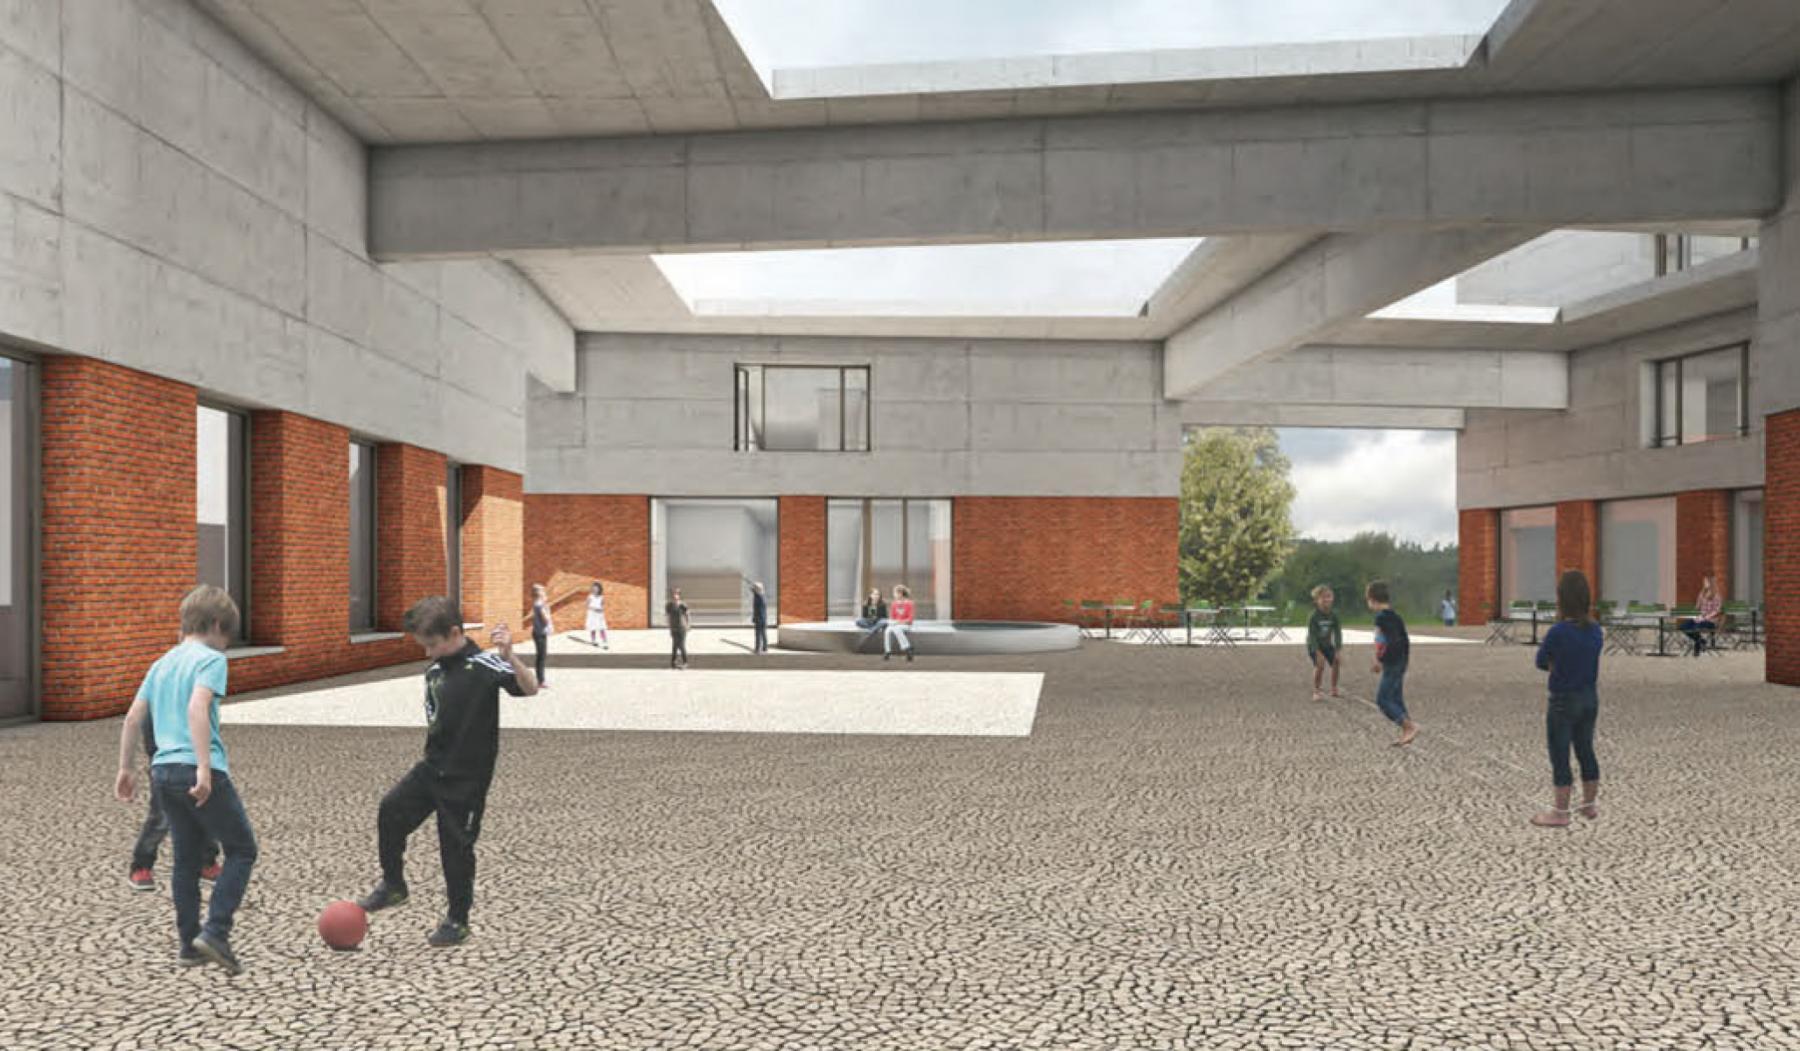 Ersatzneubau Schulanlage Schauenberg, Zürich-Affoltern, Adrian Streich Architekten, FORUM